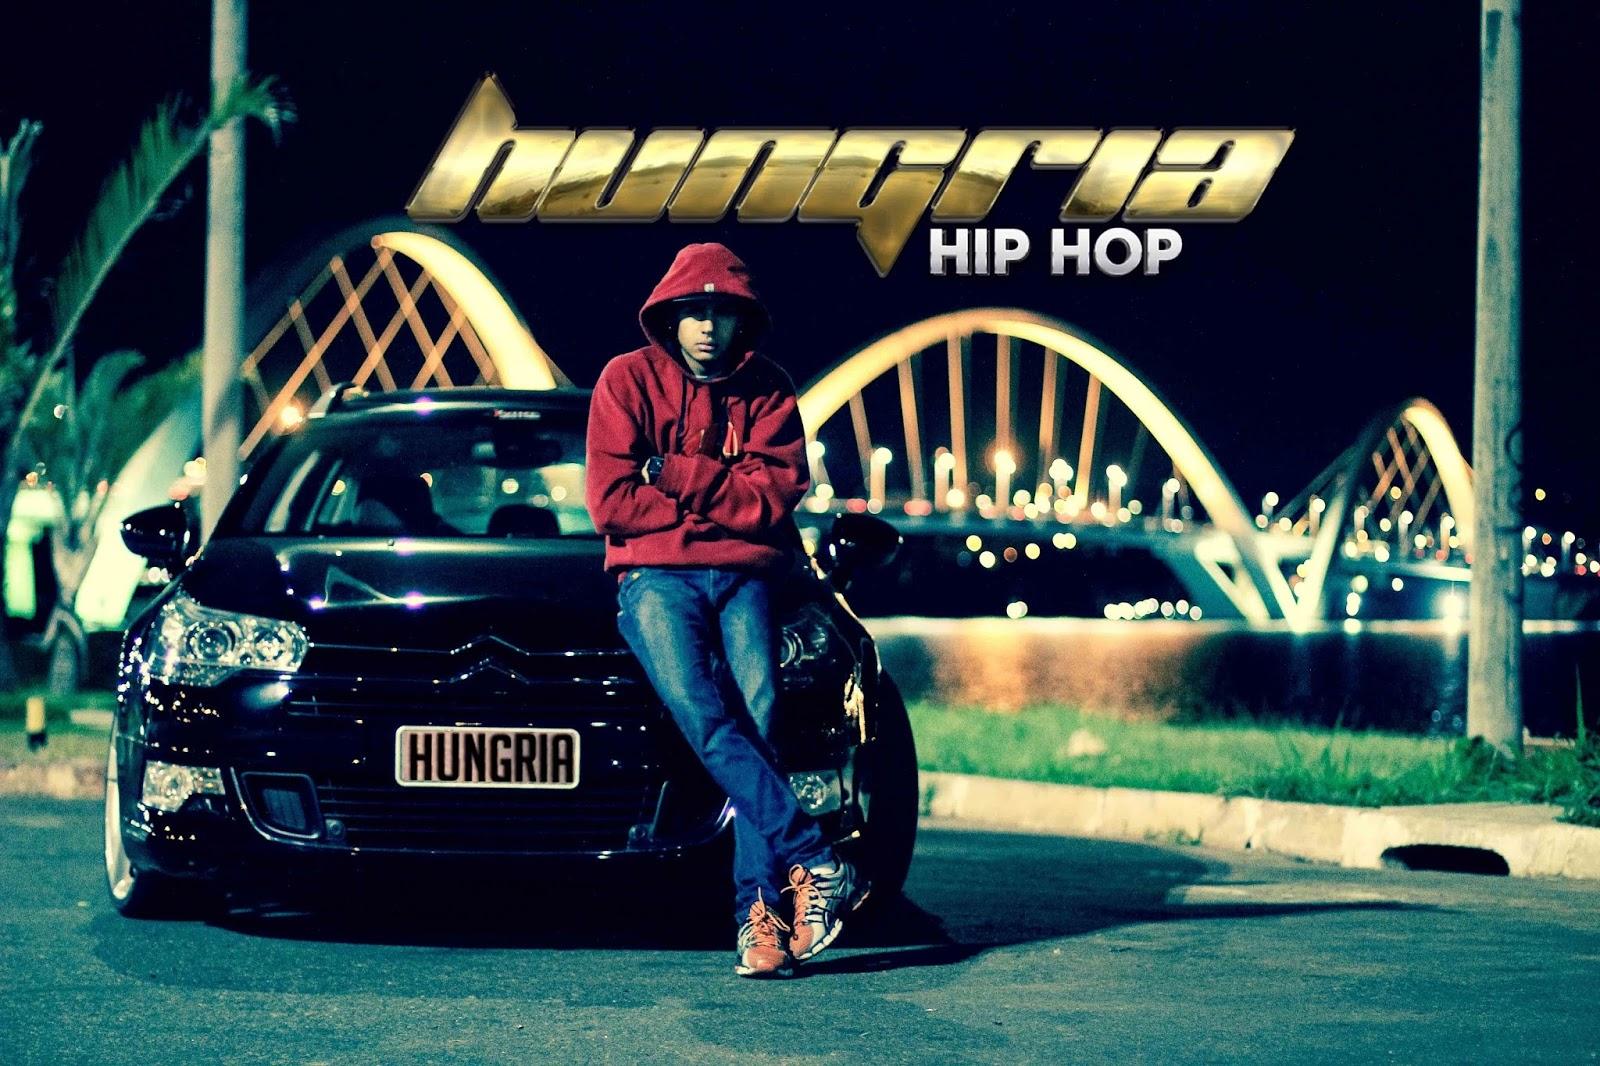 hungria capa oficial Hungria Hip Hop – Copo Pro Alto – Mp3